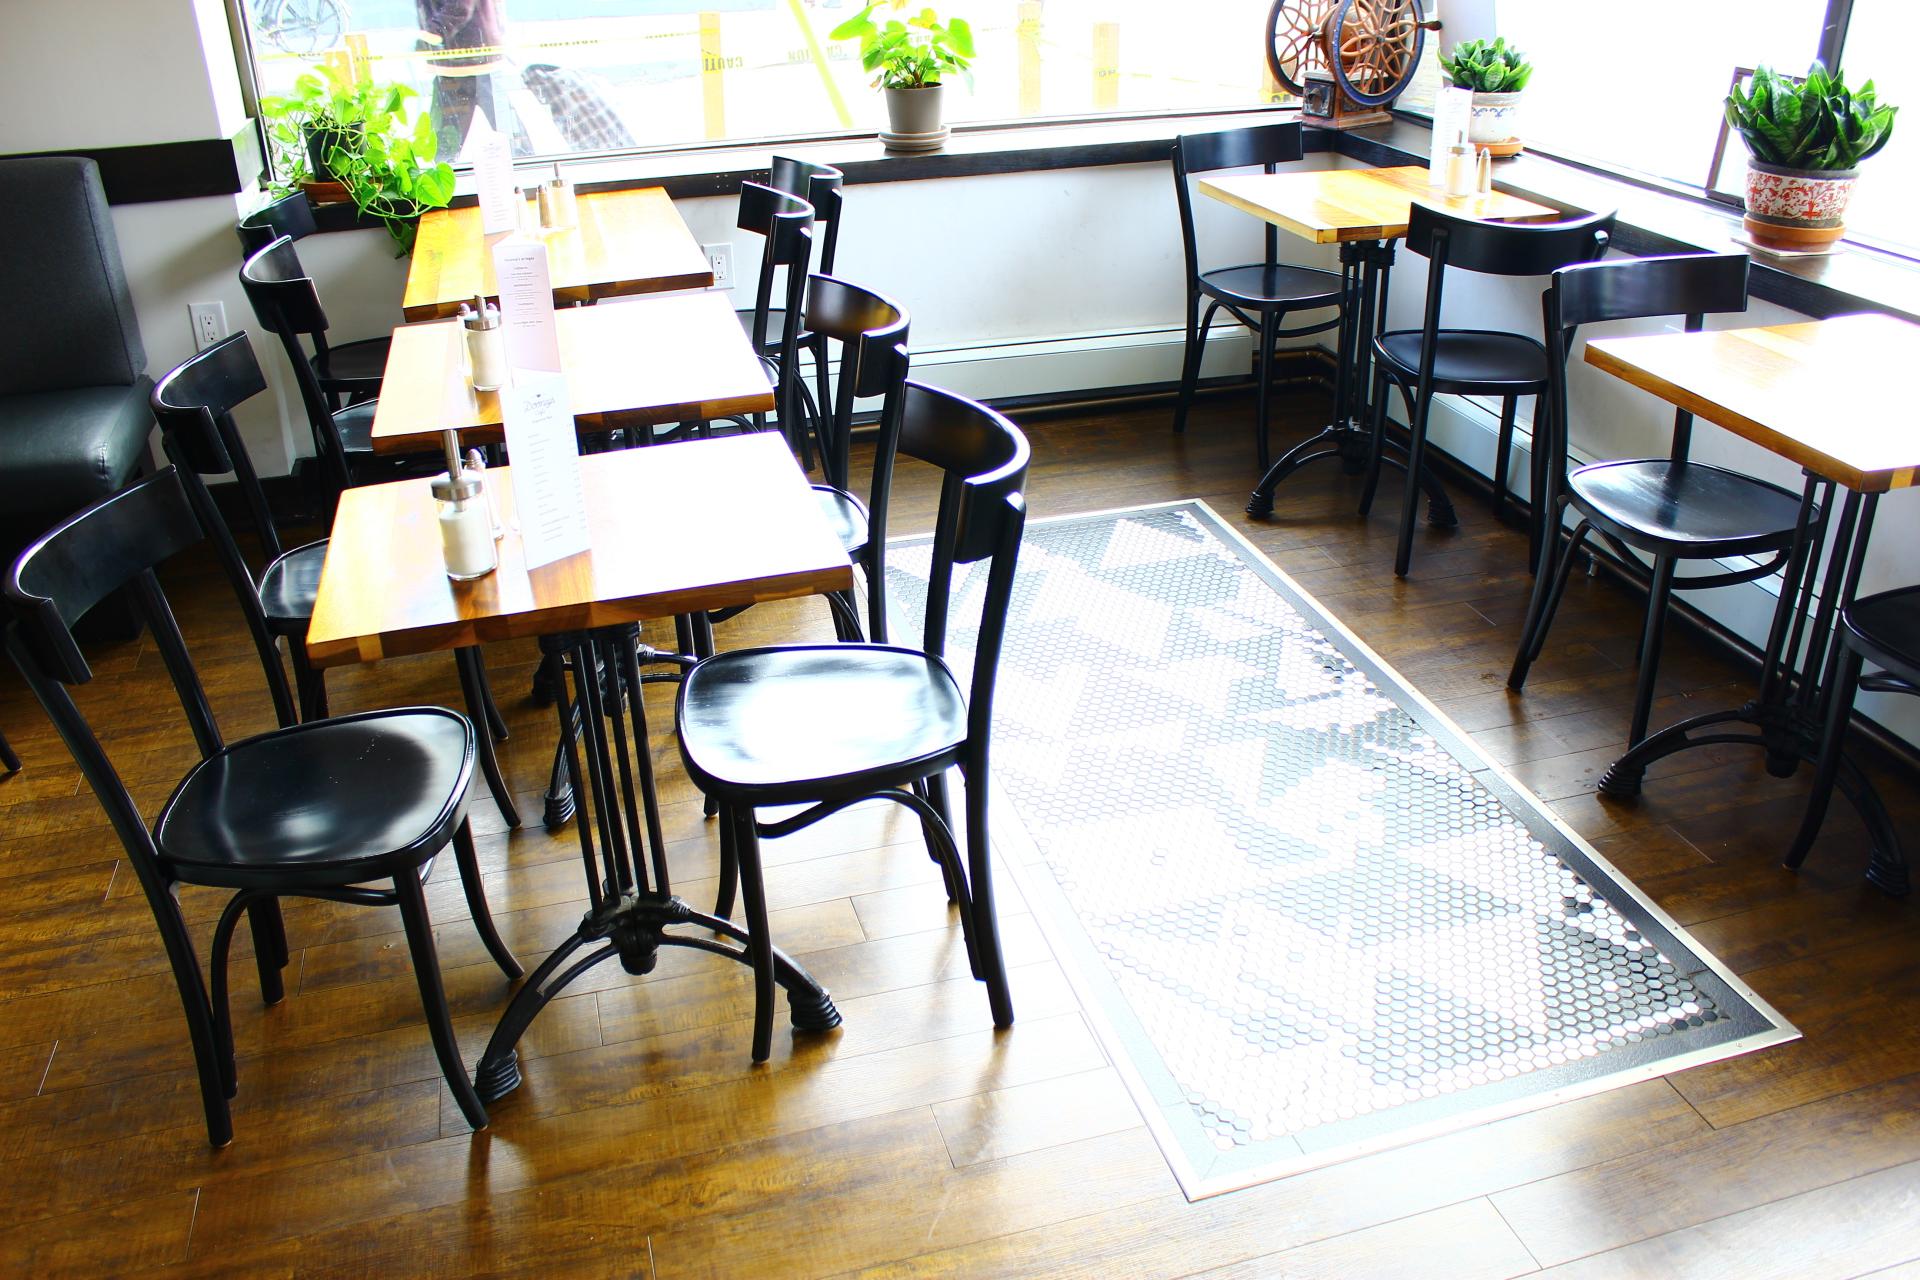 Full Restaurant renavation